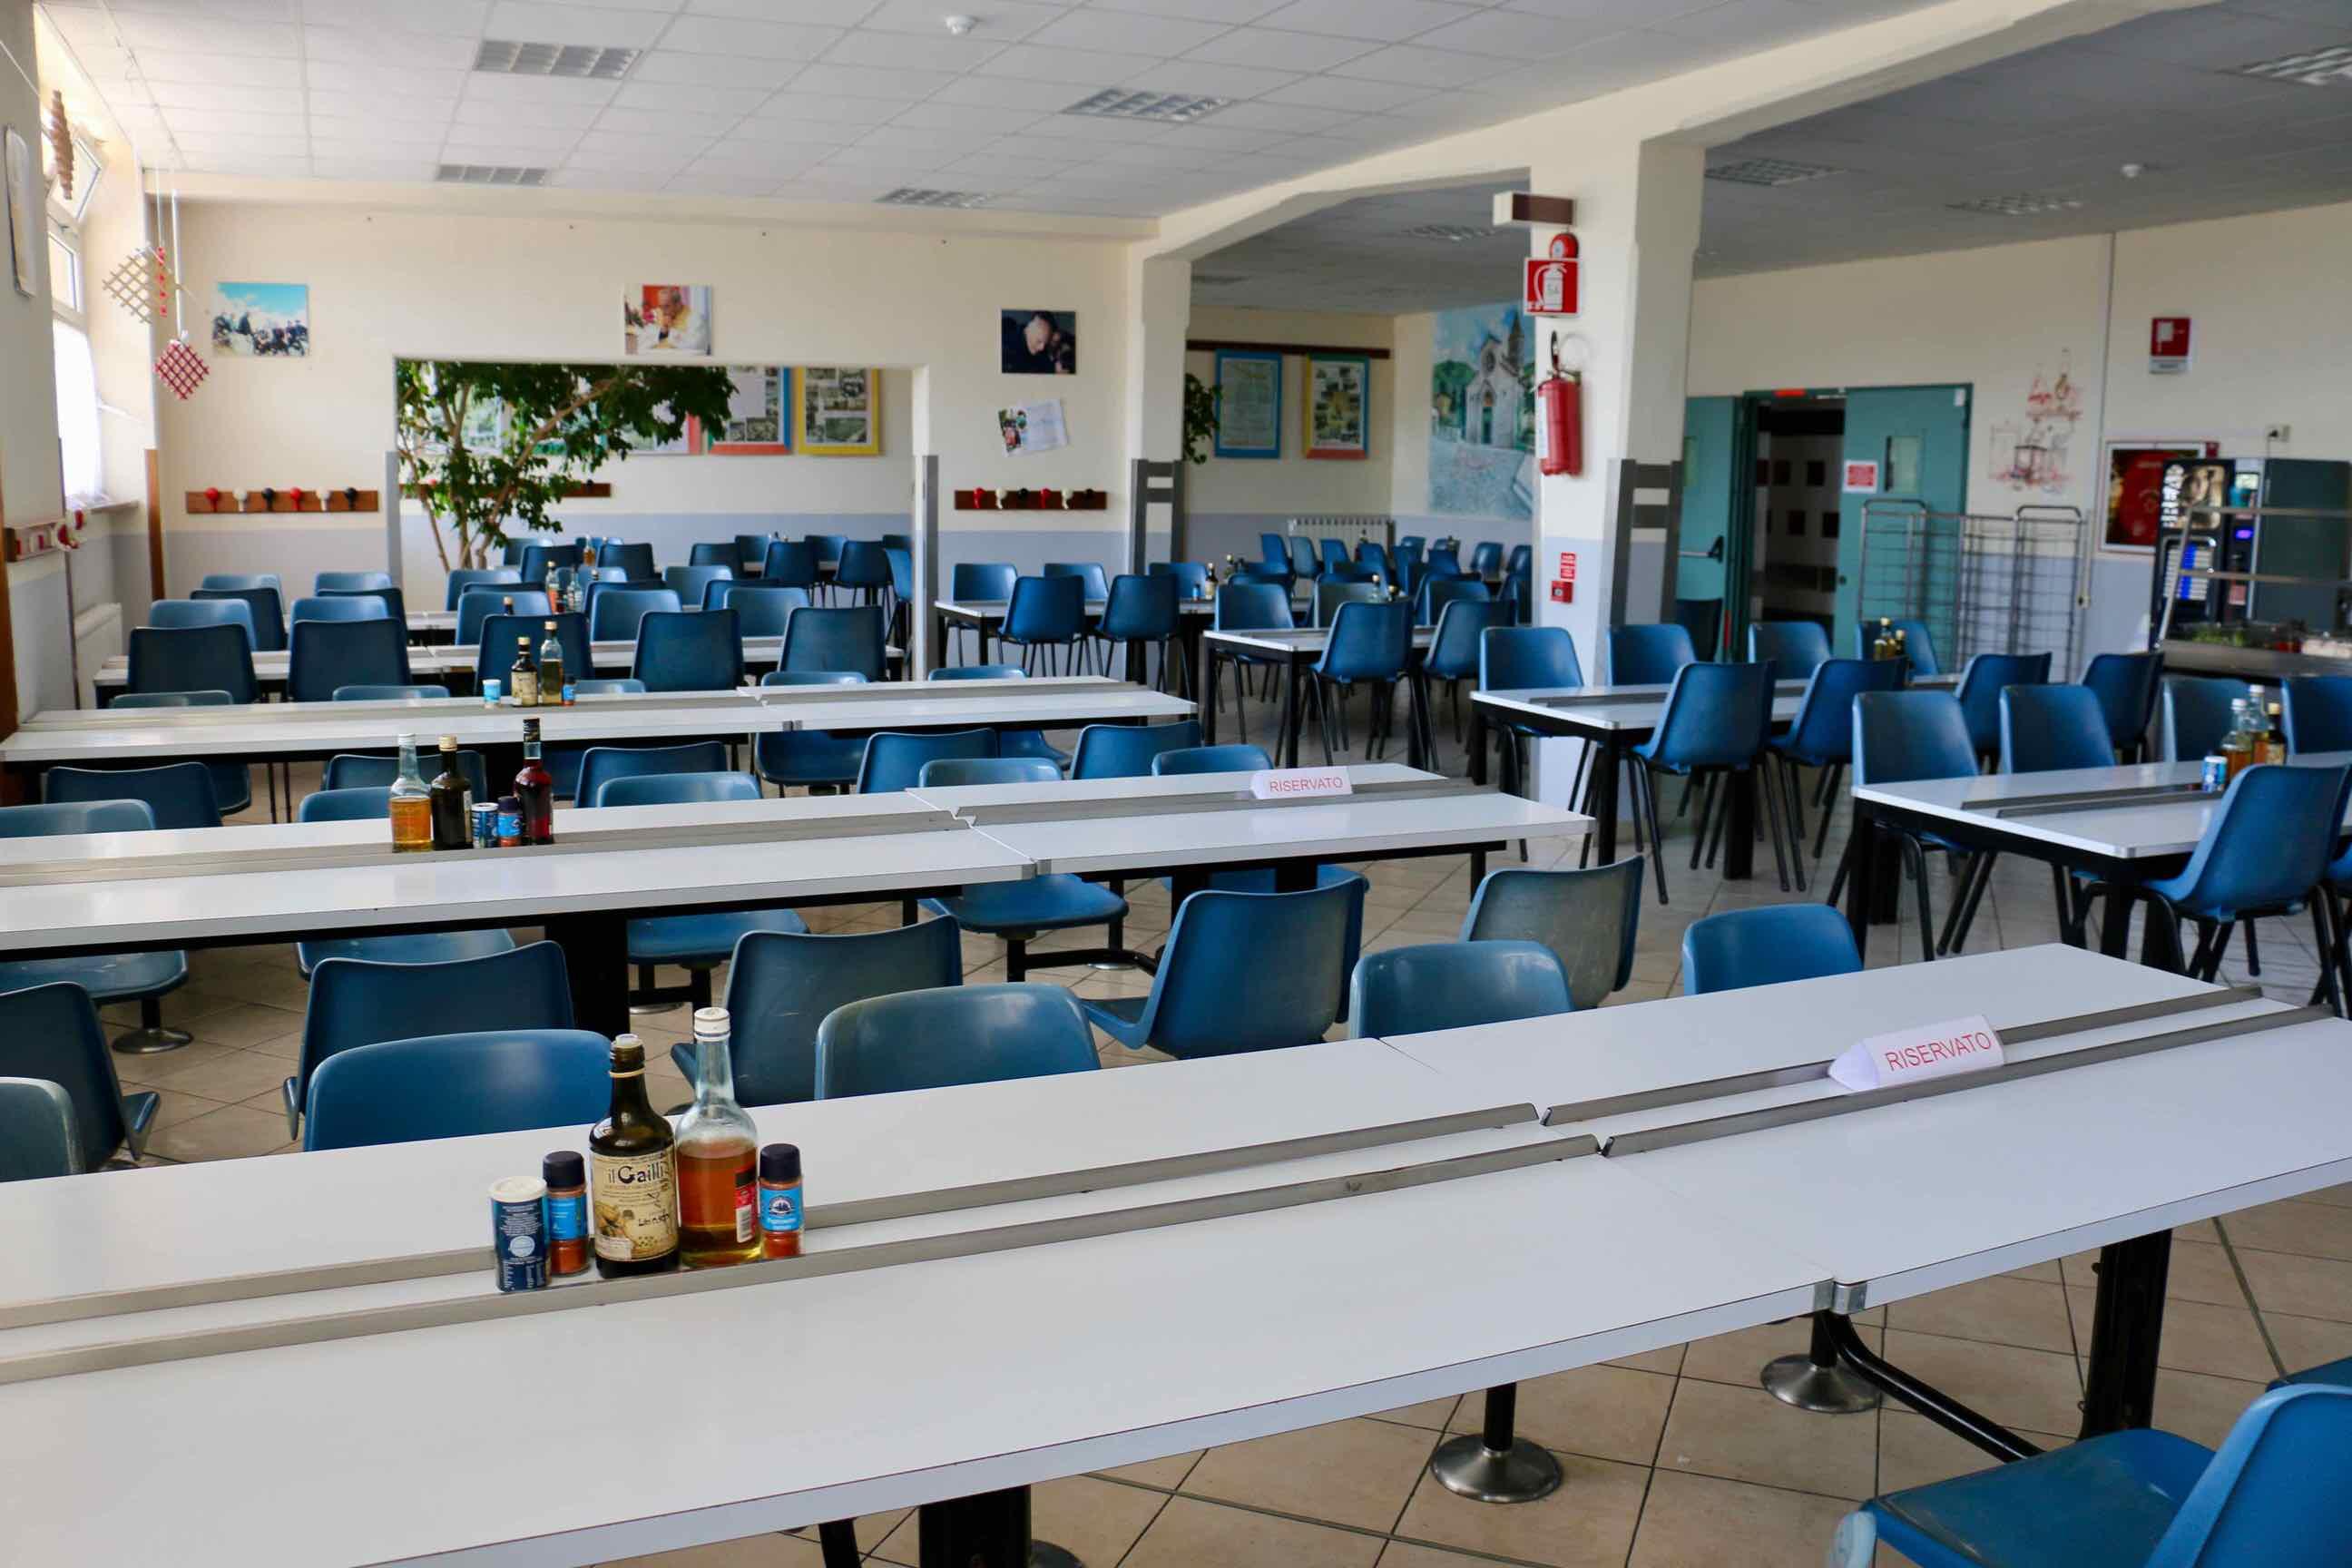 Casa per Ferie Villaggio Ospitale - Centro San Salvatore Villaggio del Ragazzo - 24